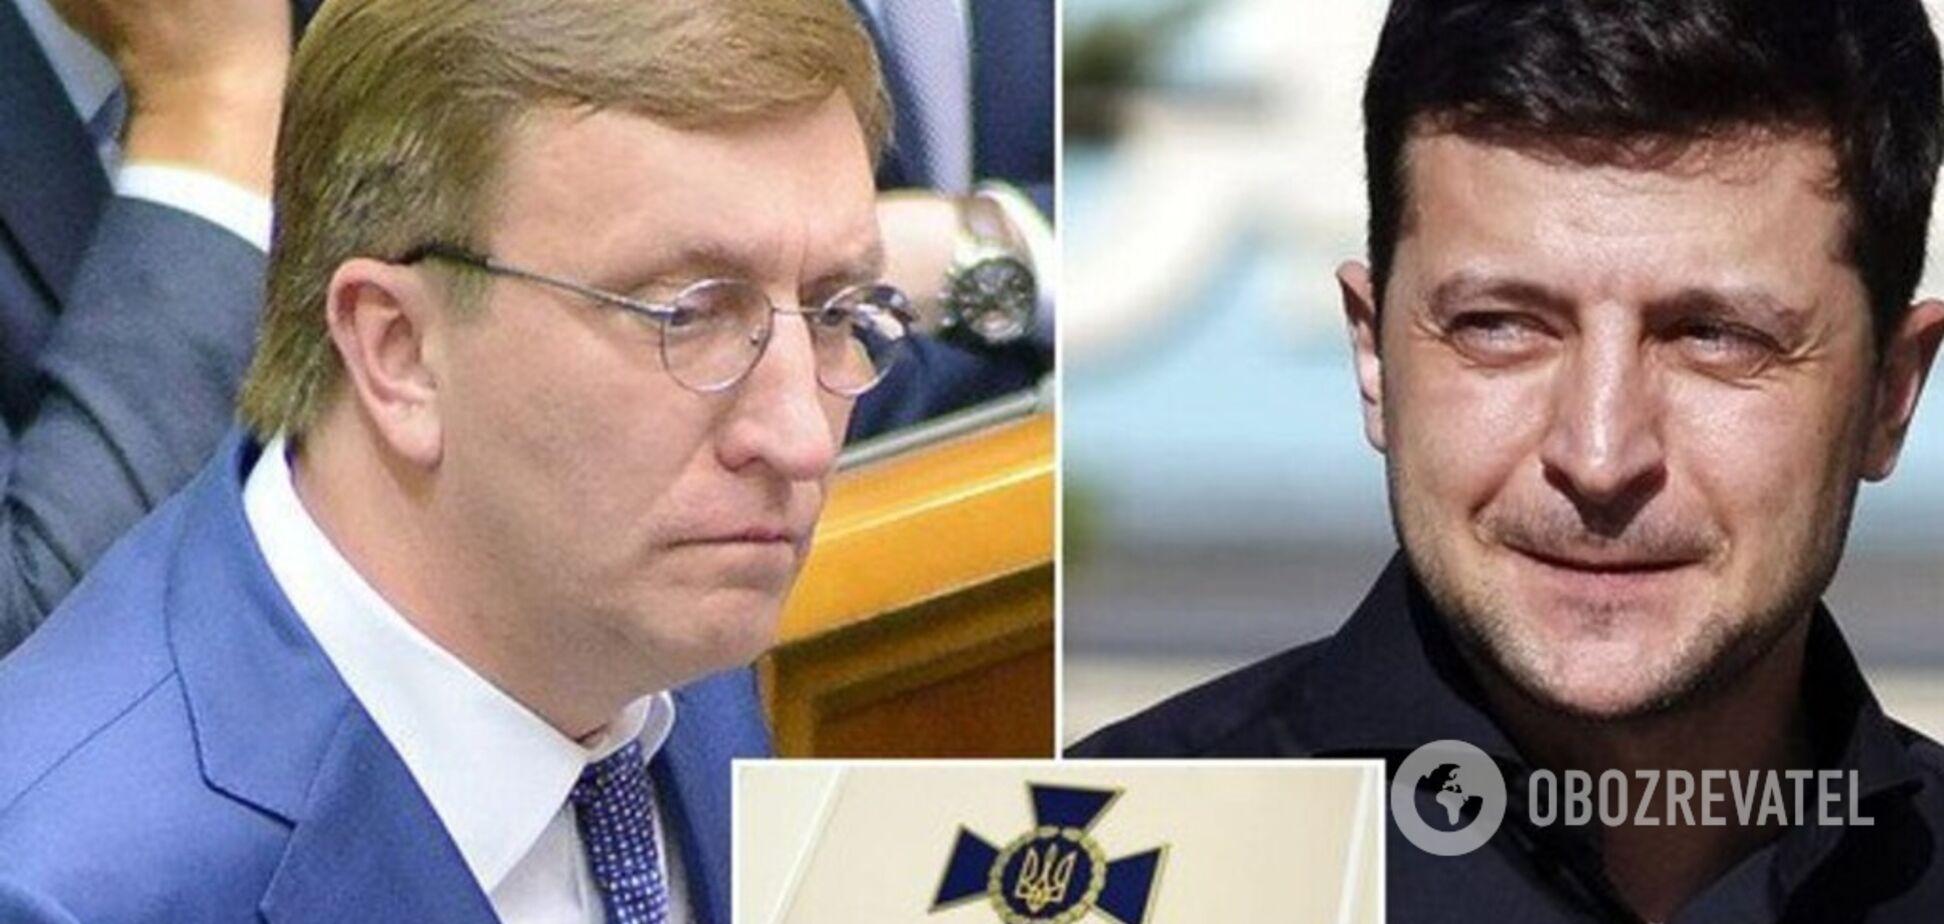 Награжден медалью ФСБ: всплыли объяснения назначенного Зеленским главы внешней разведки